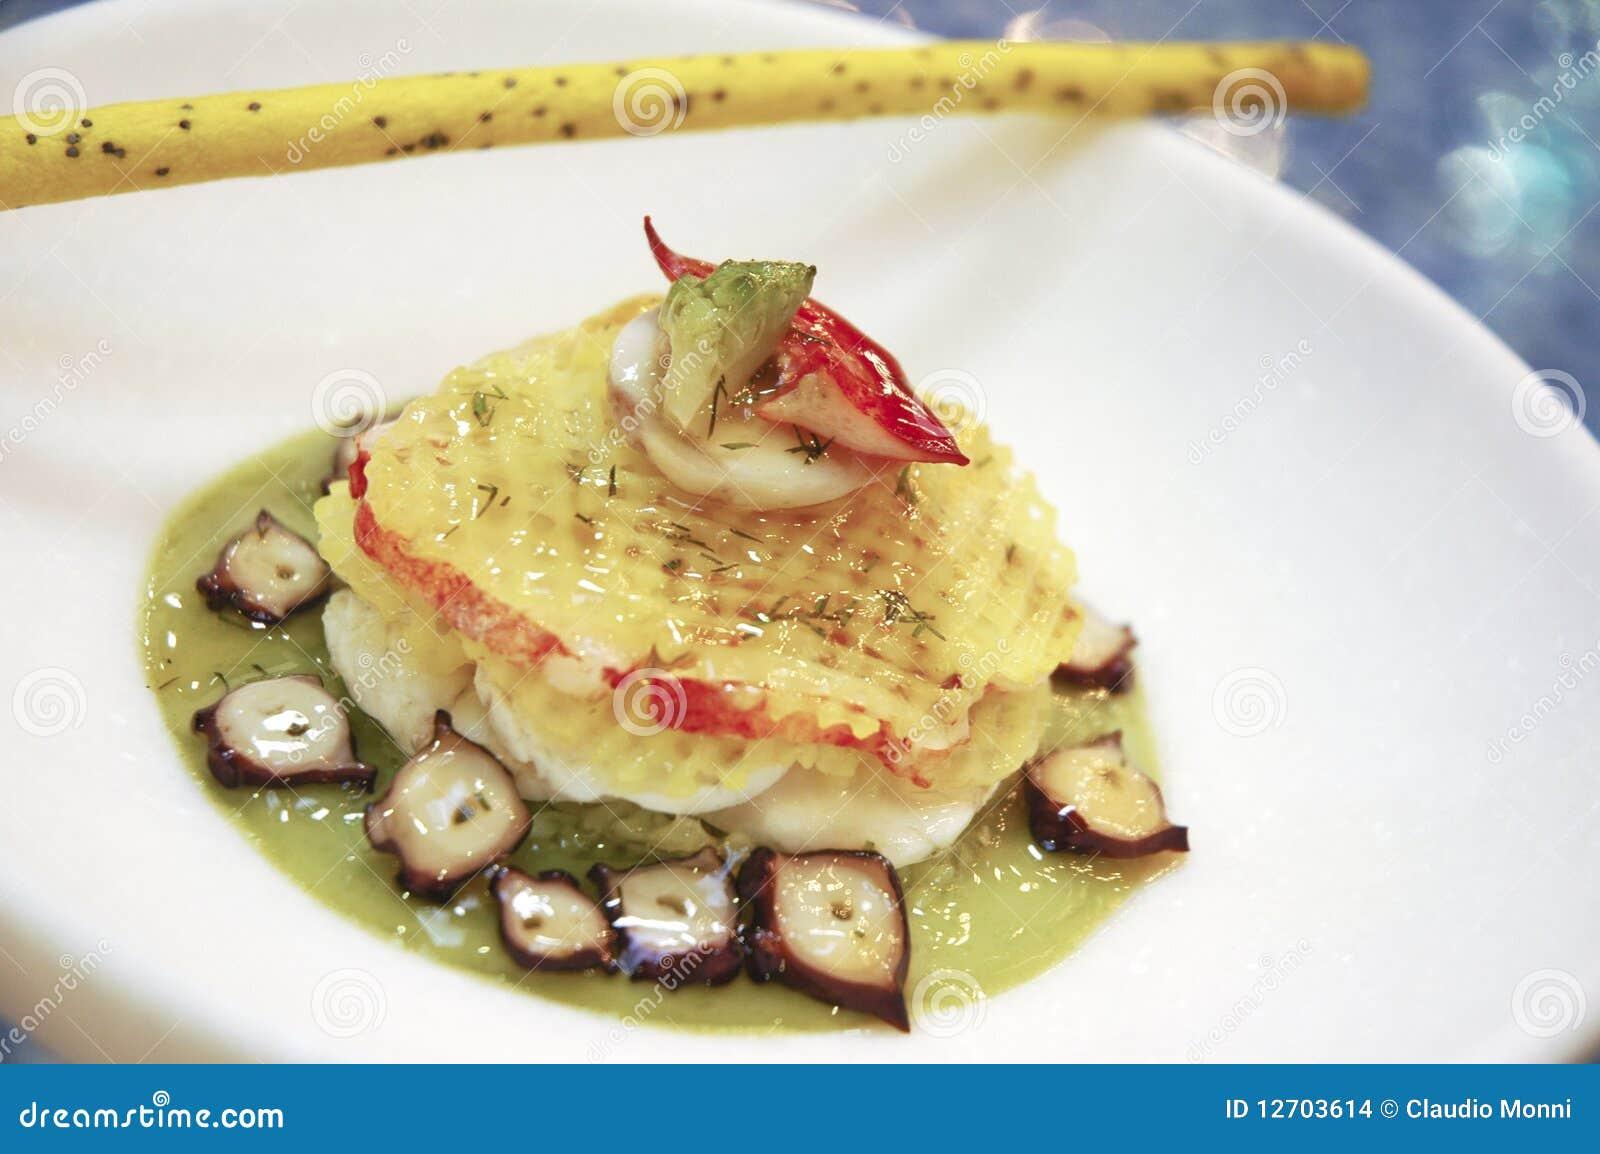 Cucina Italiana In Un Piatto Decorato. #9F2F2C 1300 954 Immagini Di Cucina E Soggiorno Insieme